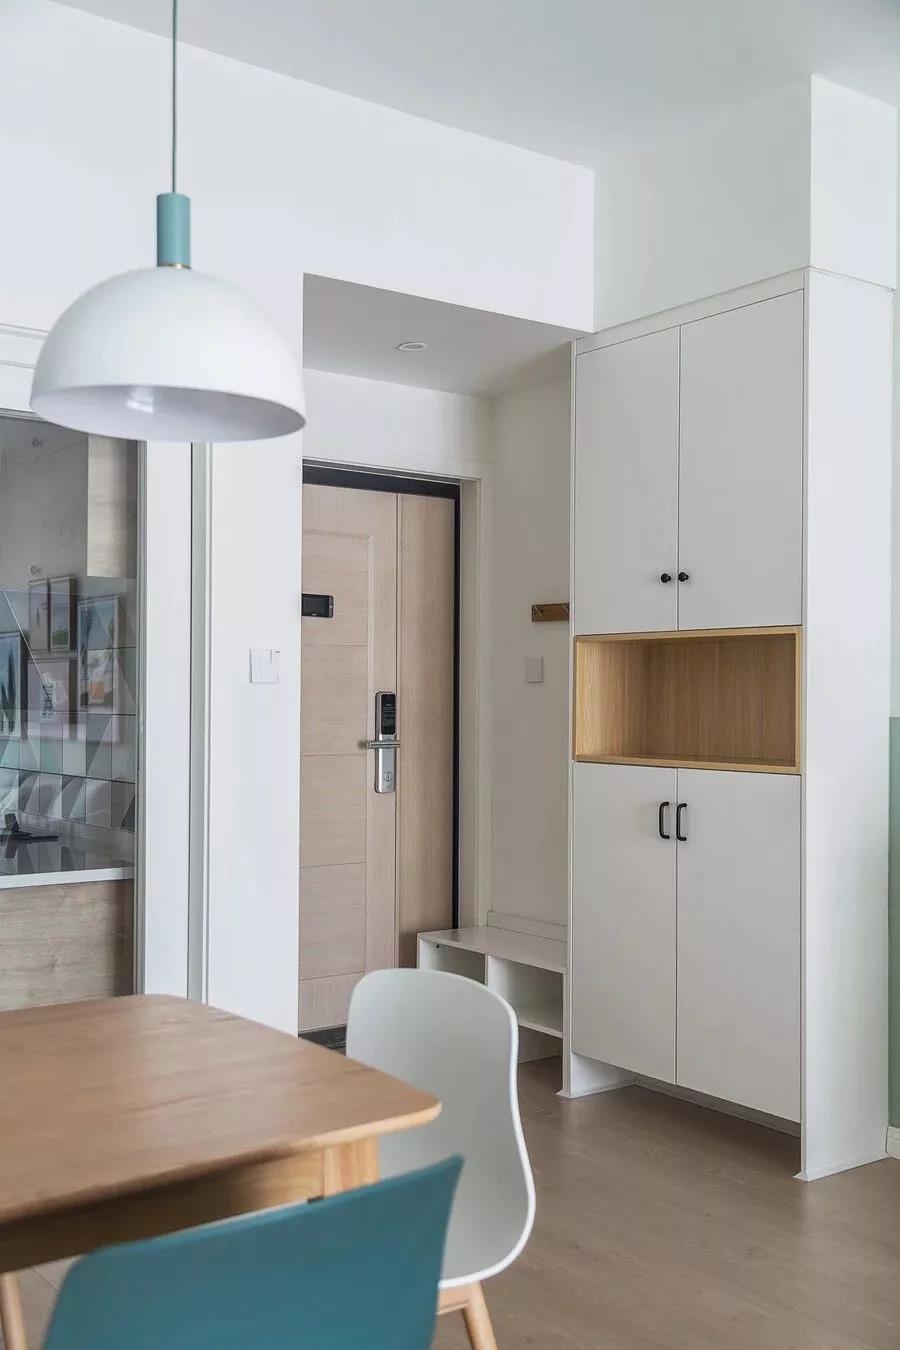 100平米,全包,北欧风格的房子如何装修?